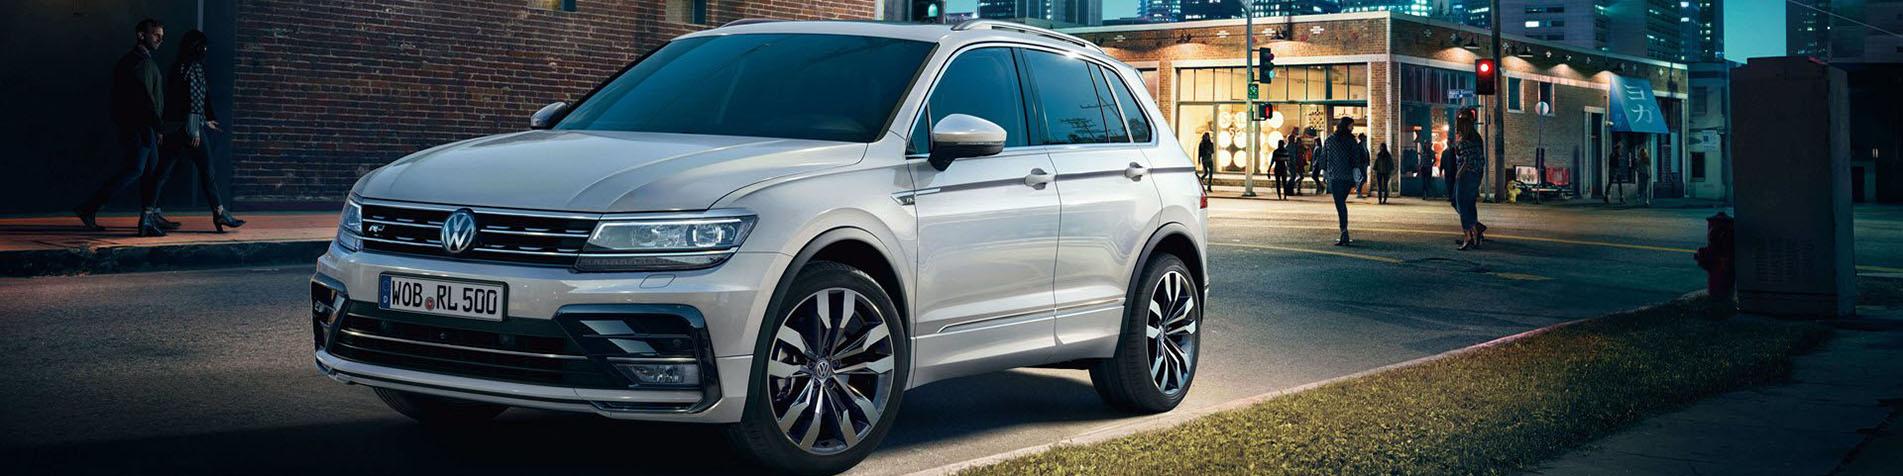 Volkswagen Tiguan header